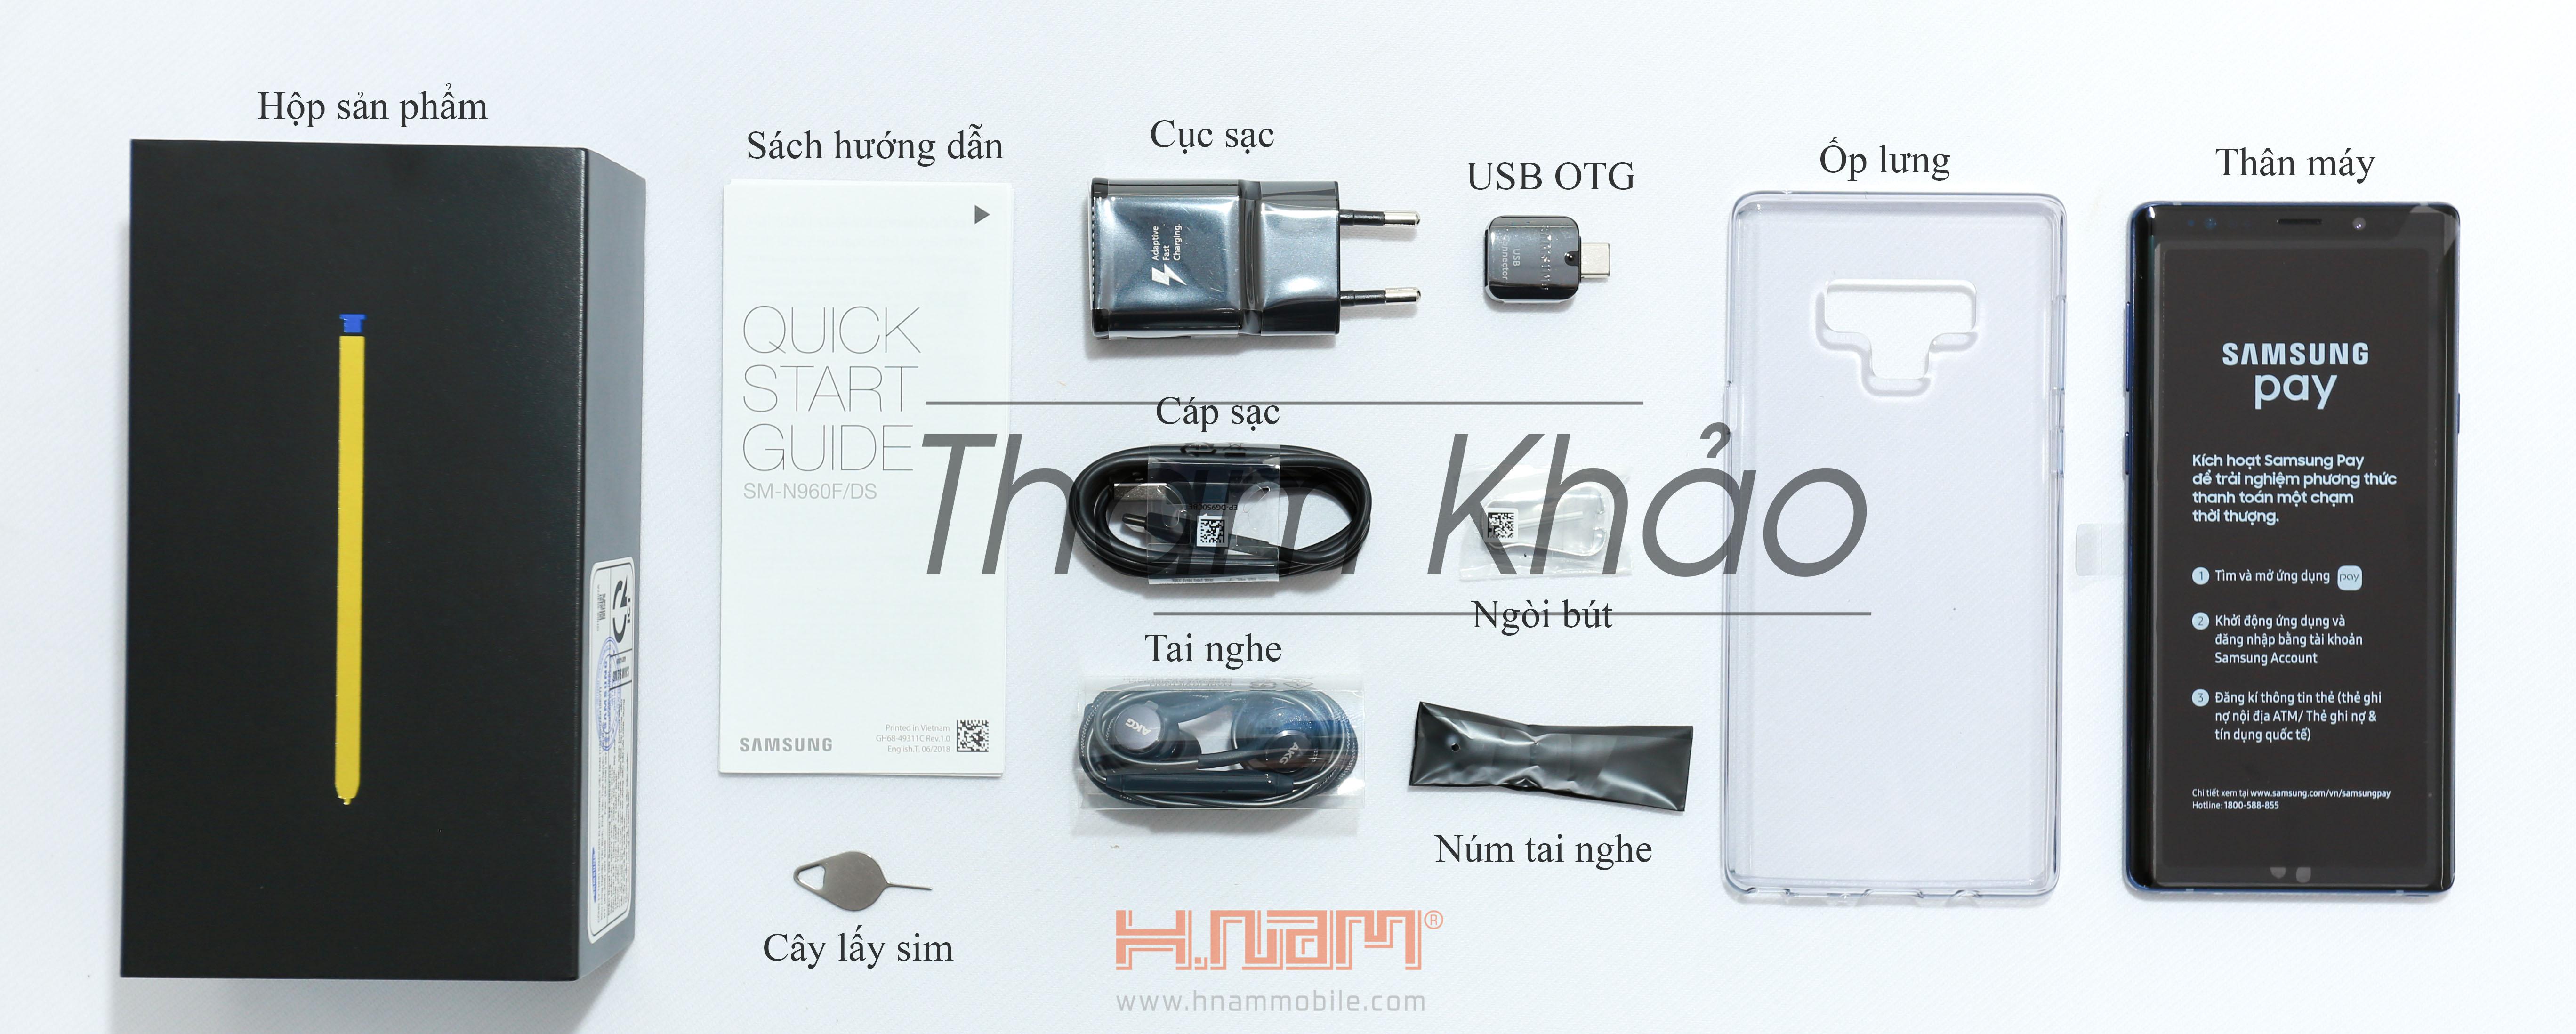 Samsung Galaxy Note 9 N960 128Gb Hàn Quốc ( ) hình sản phẩm 0